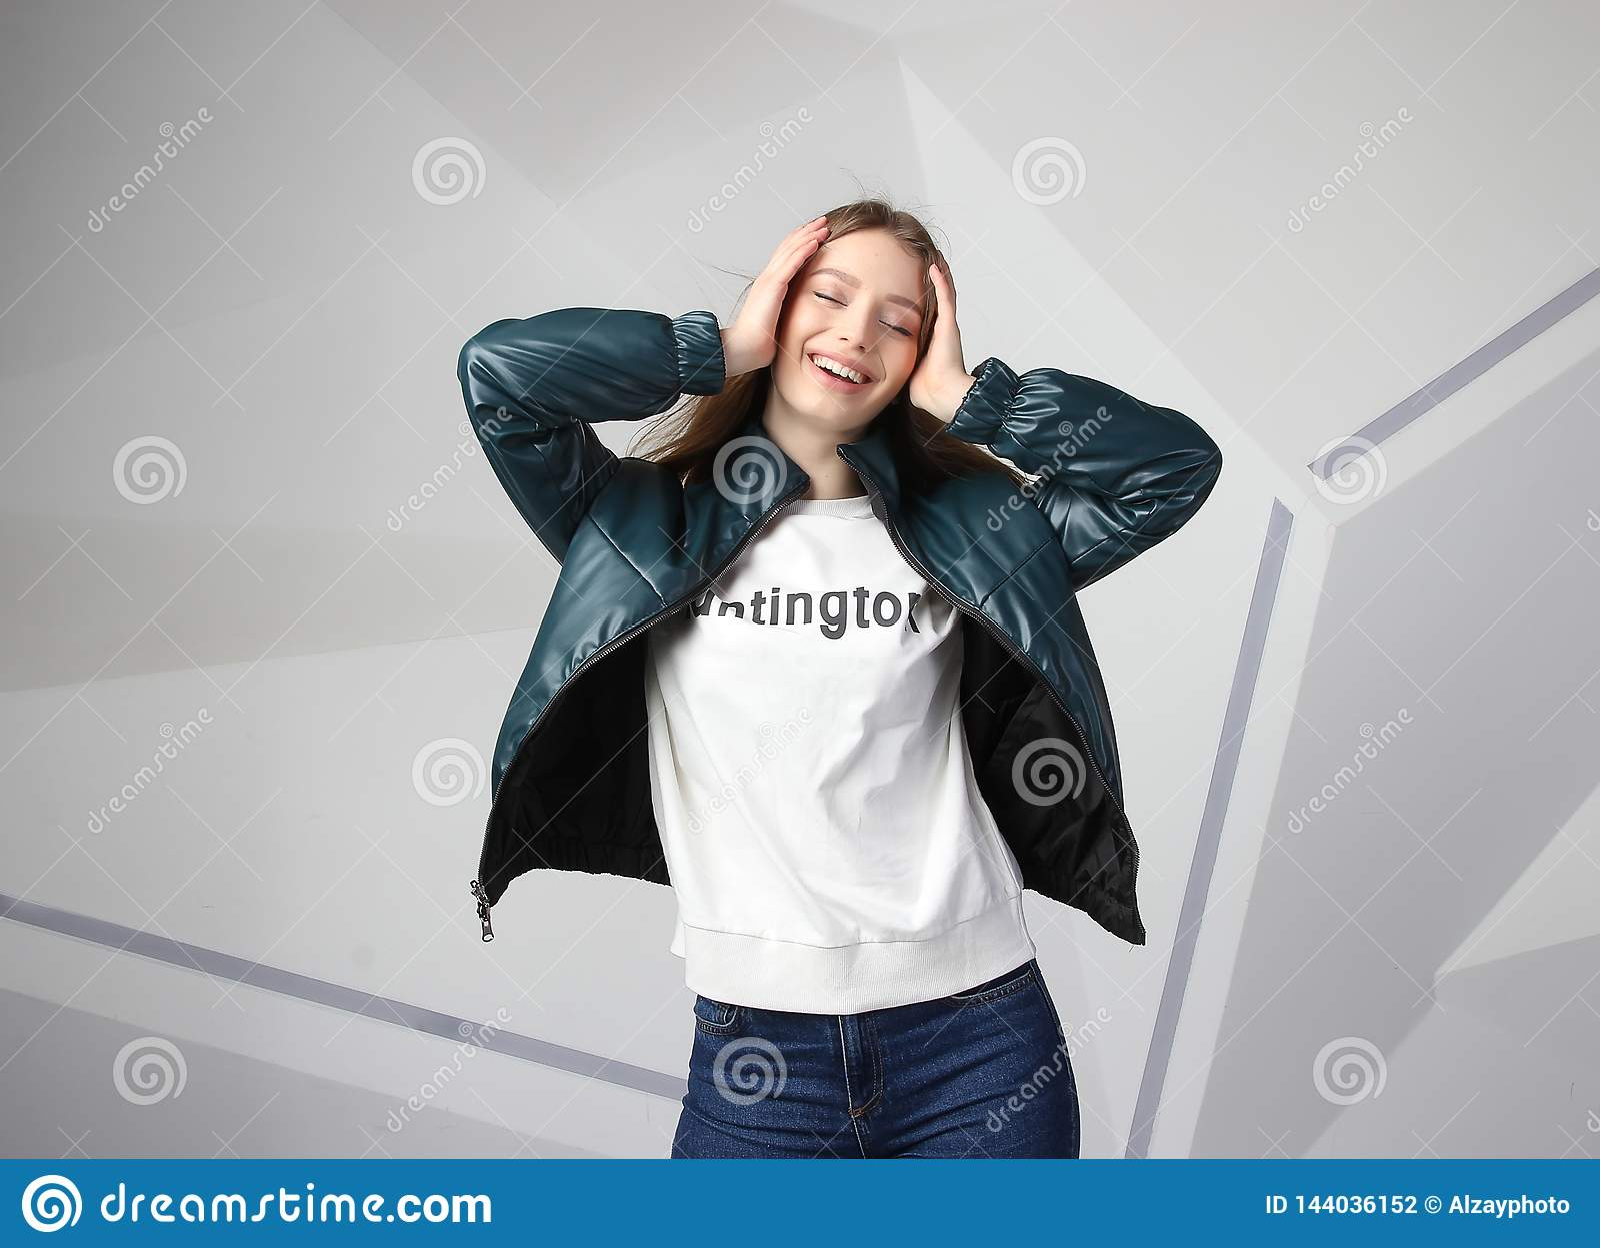 Jong meisjesmeisje die jasje met gebied voor uw embleem dragen, prototype van witte vrouwen hoodie